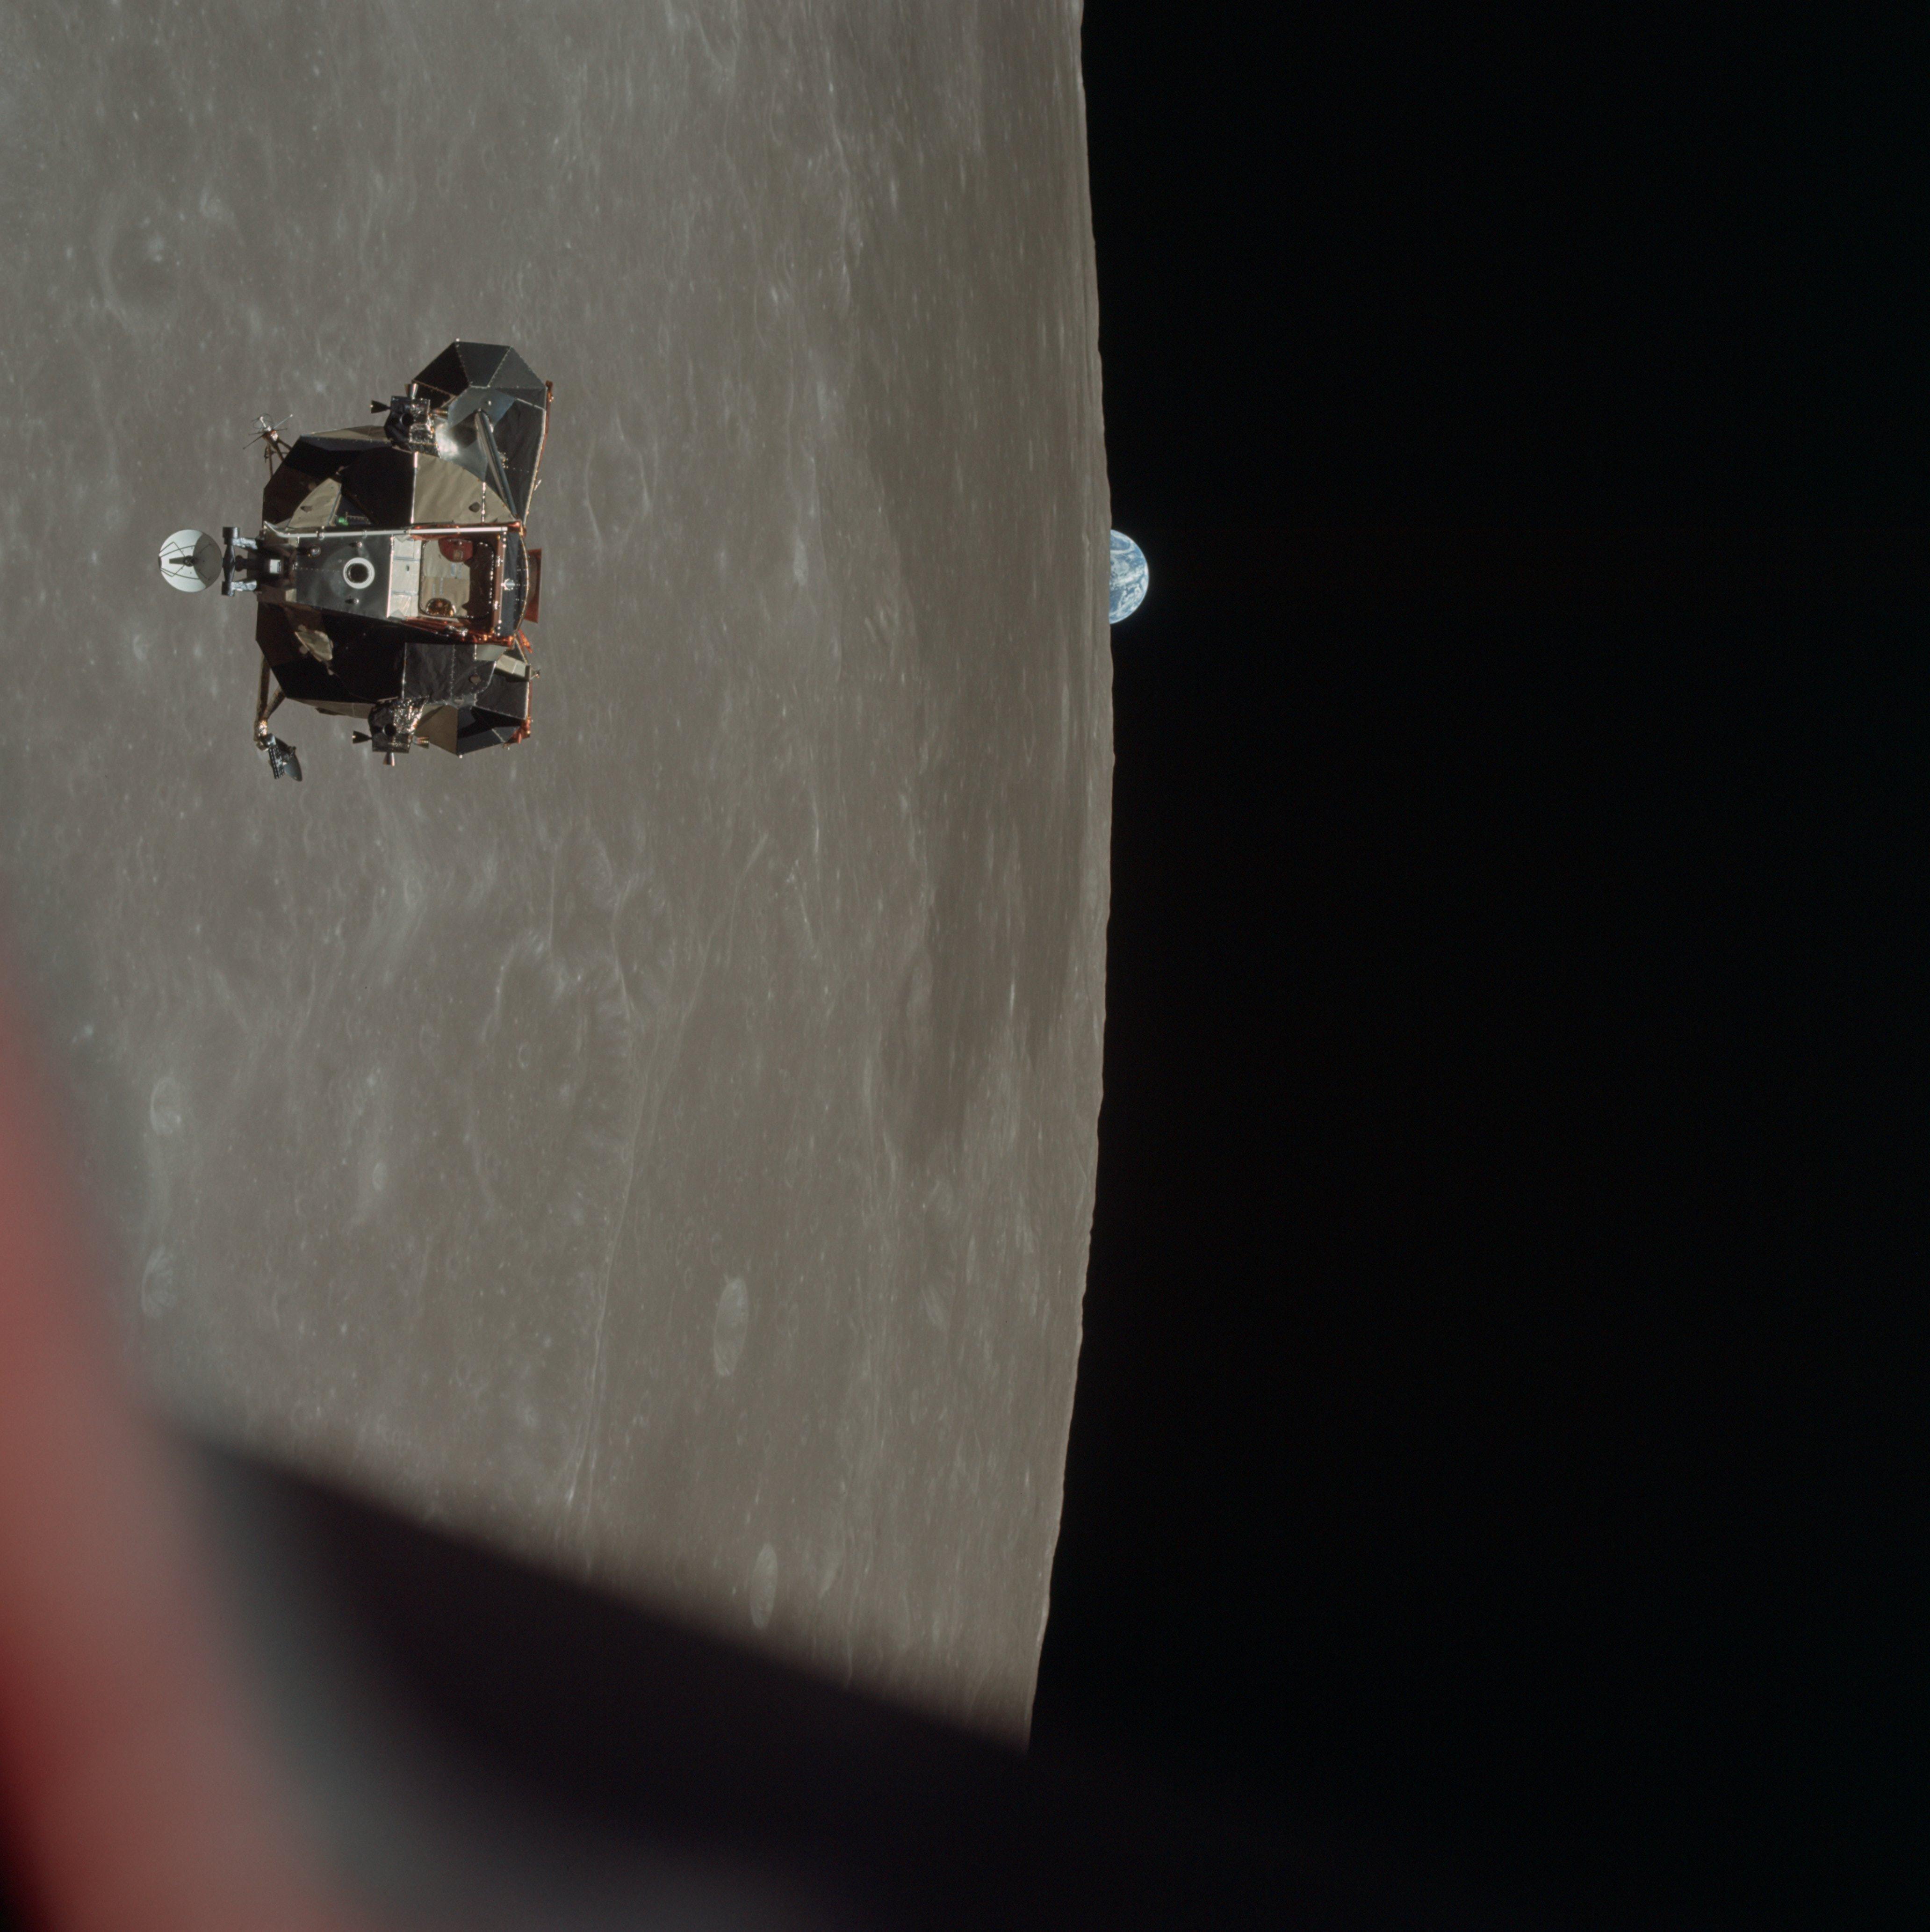 apollo 10 lunar module - photo #20